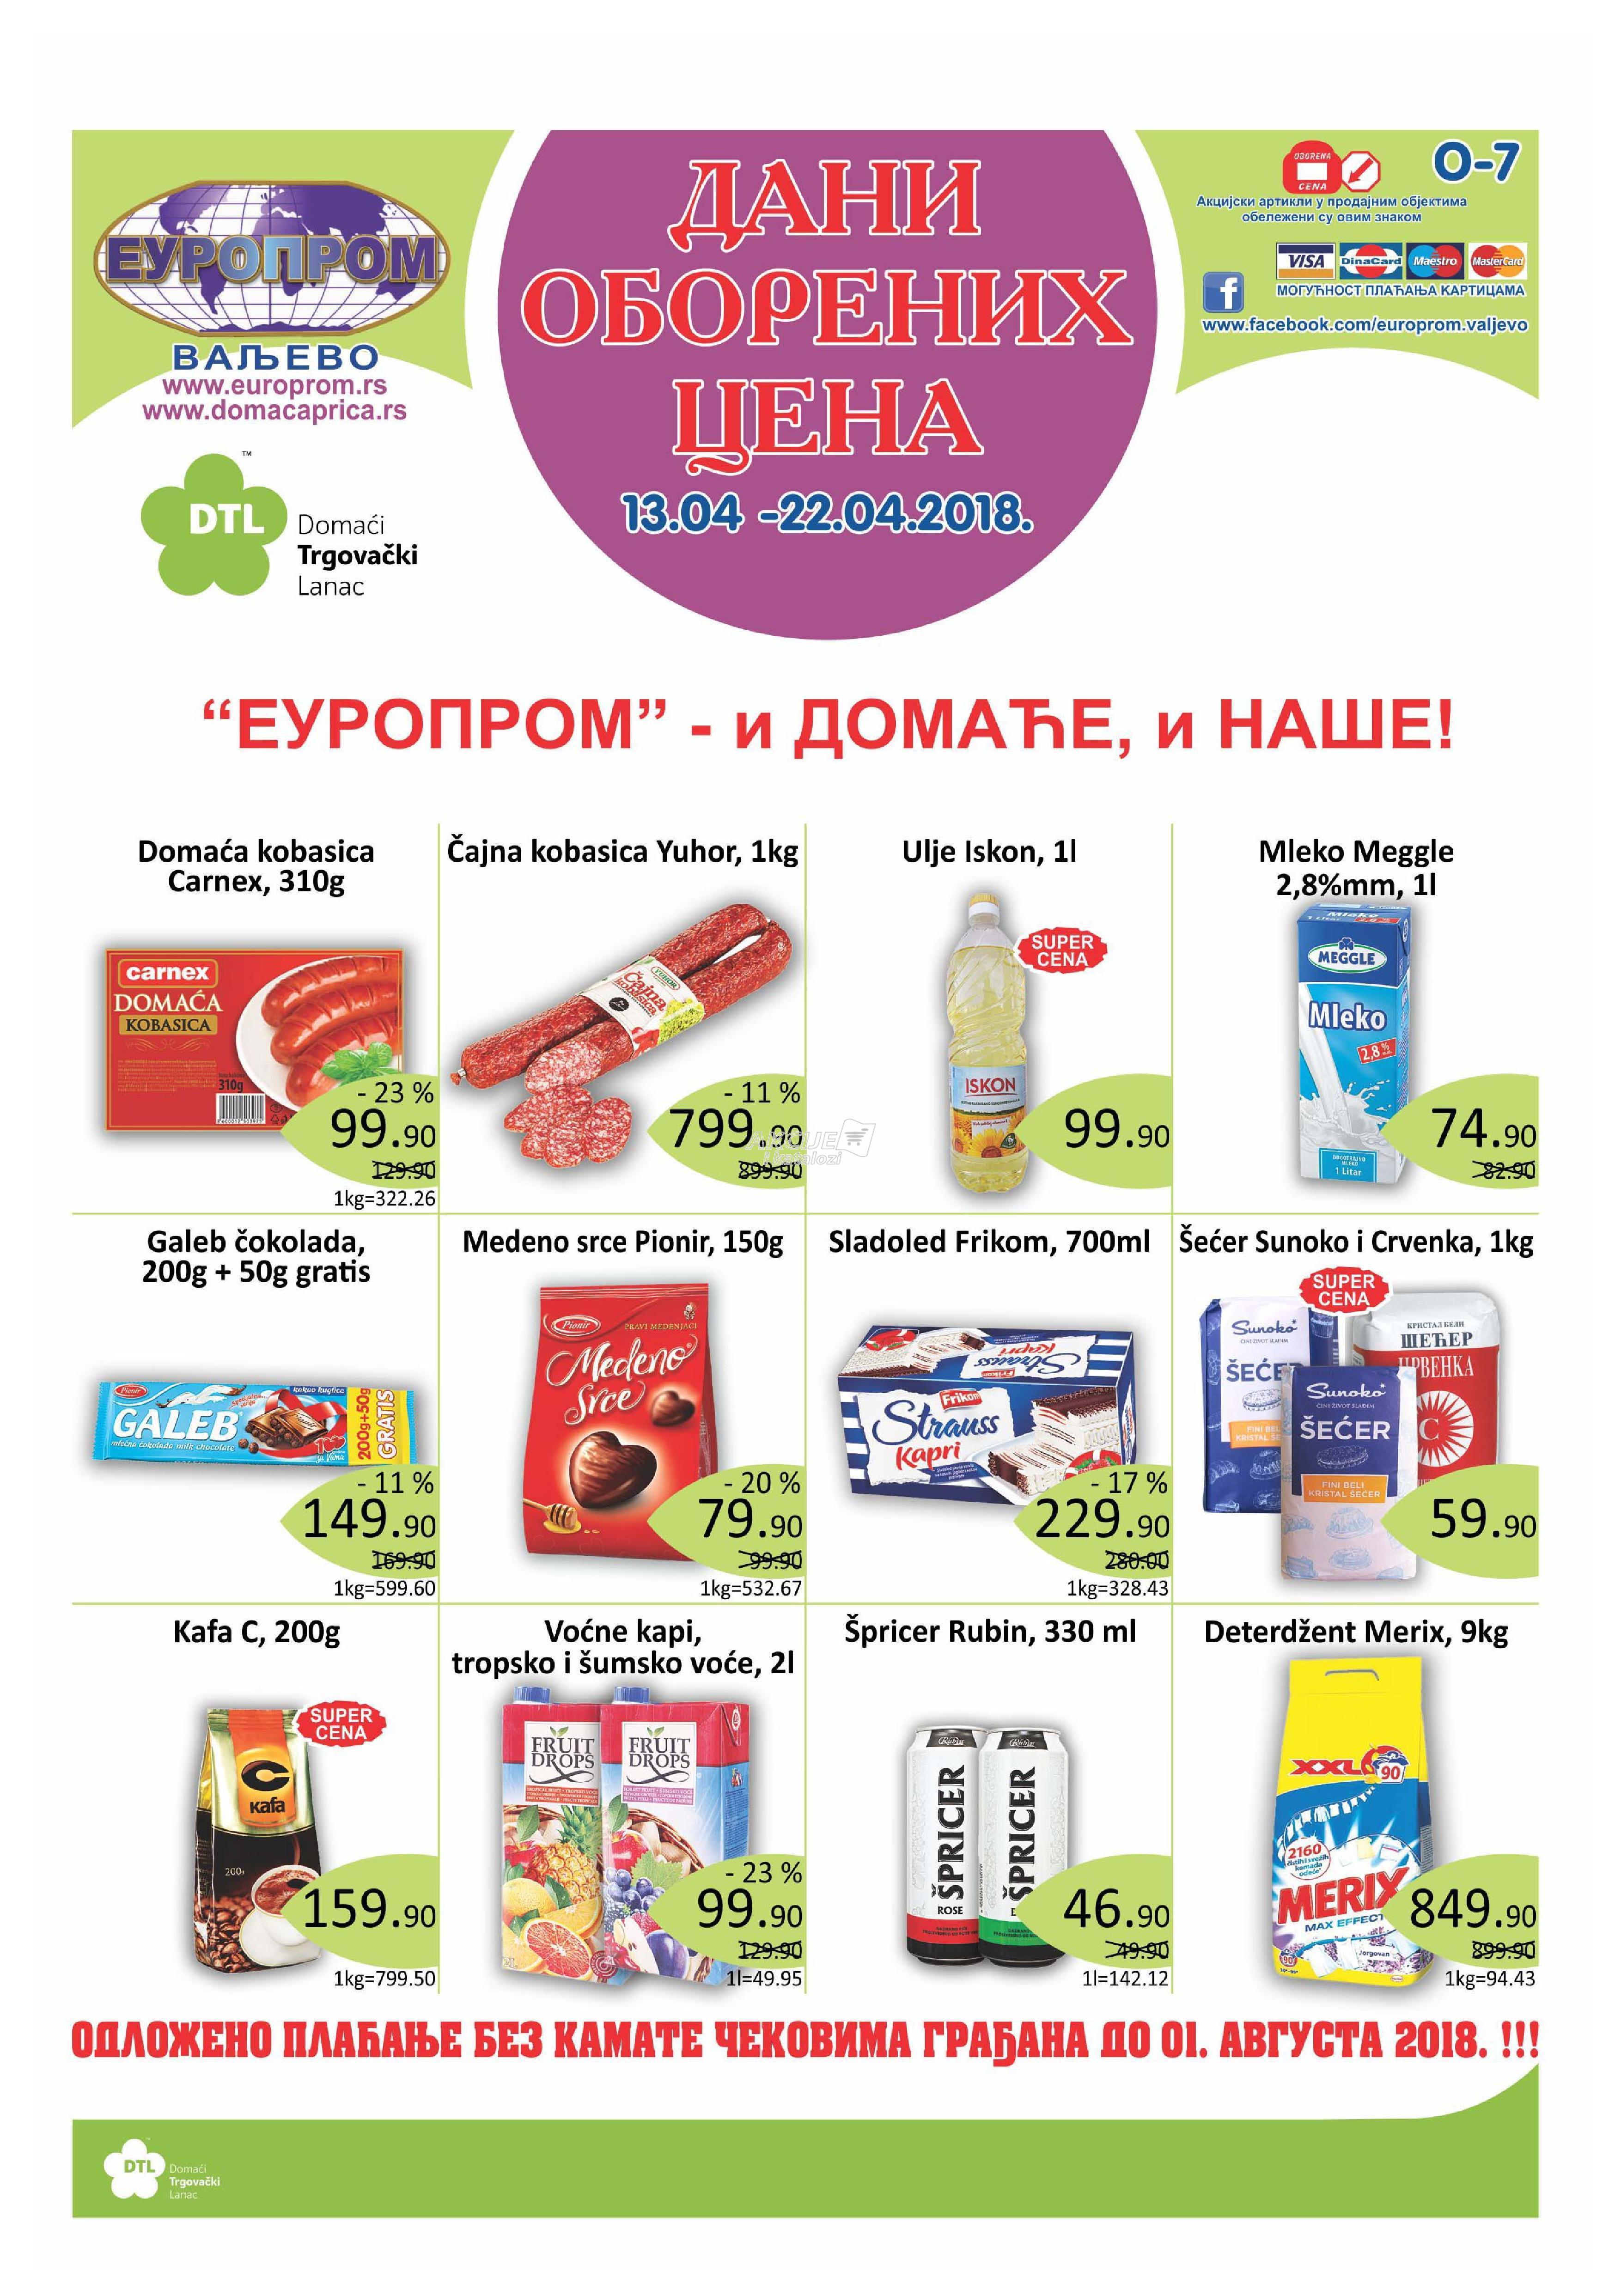 Europrom akcija dani super cena